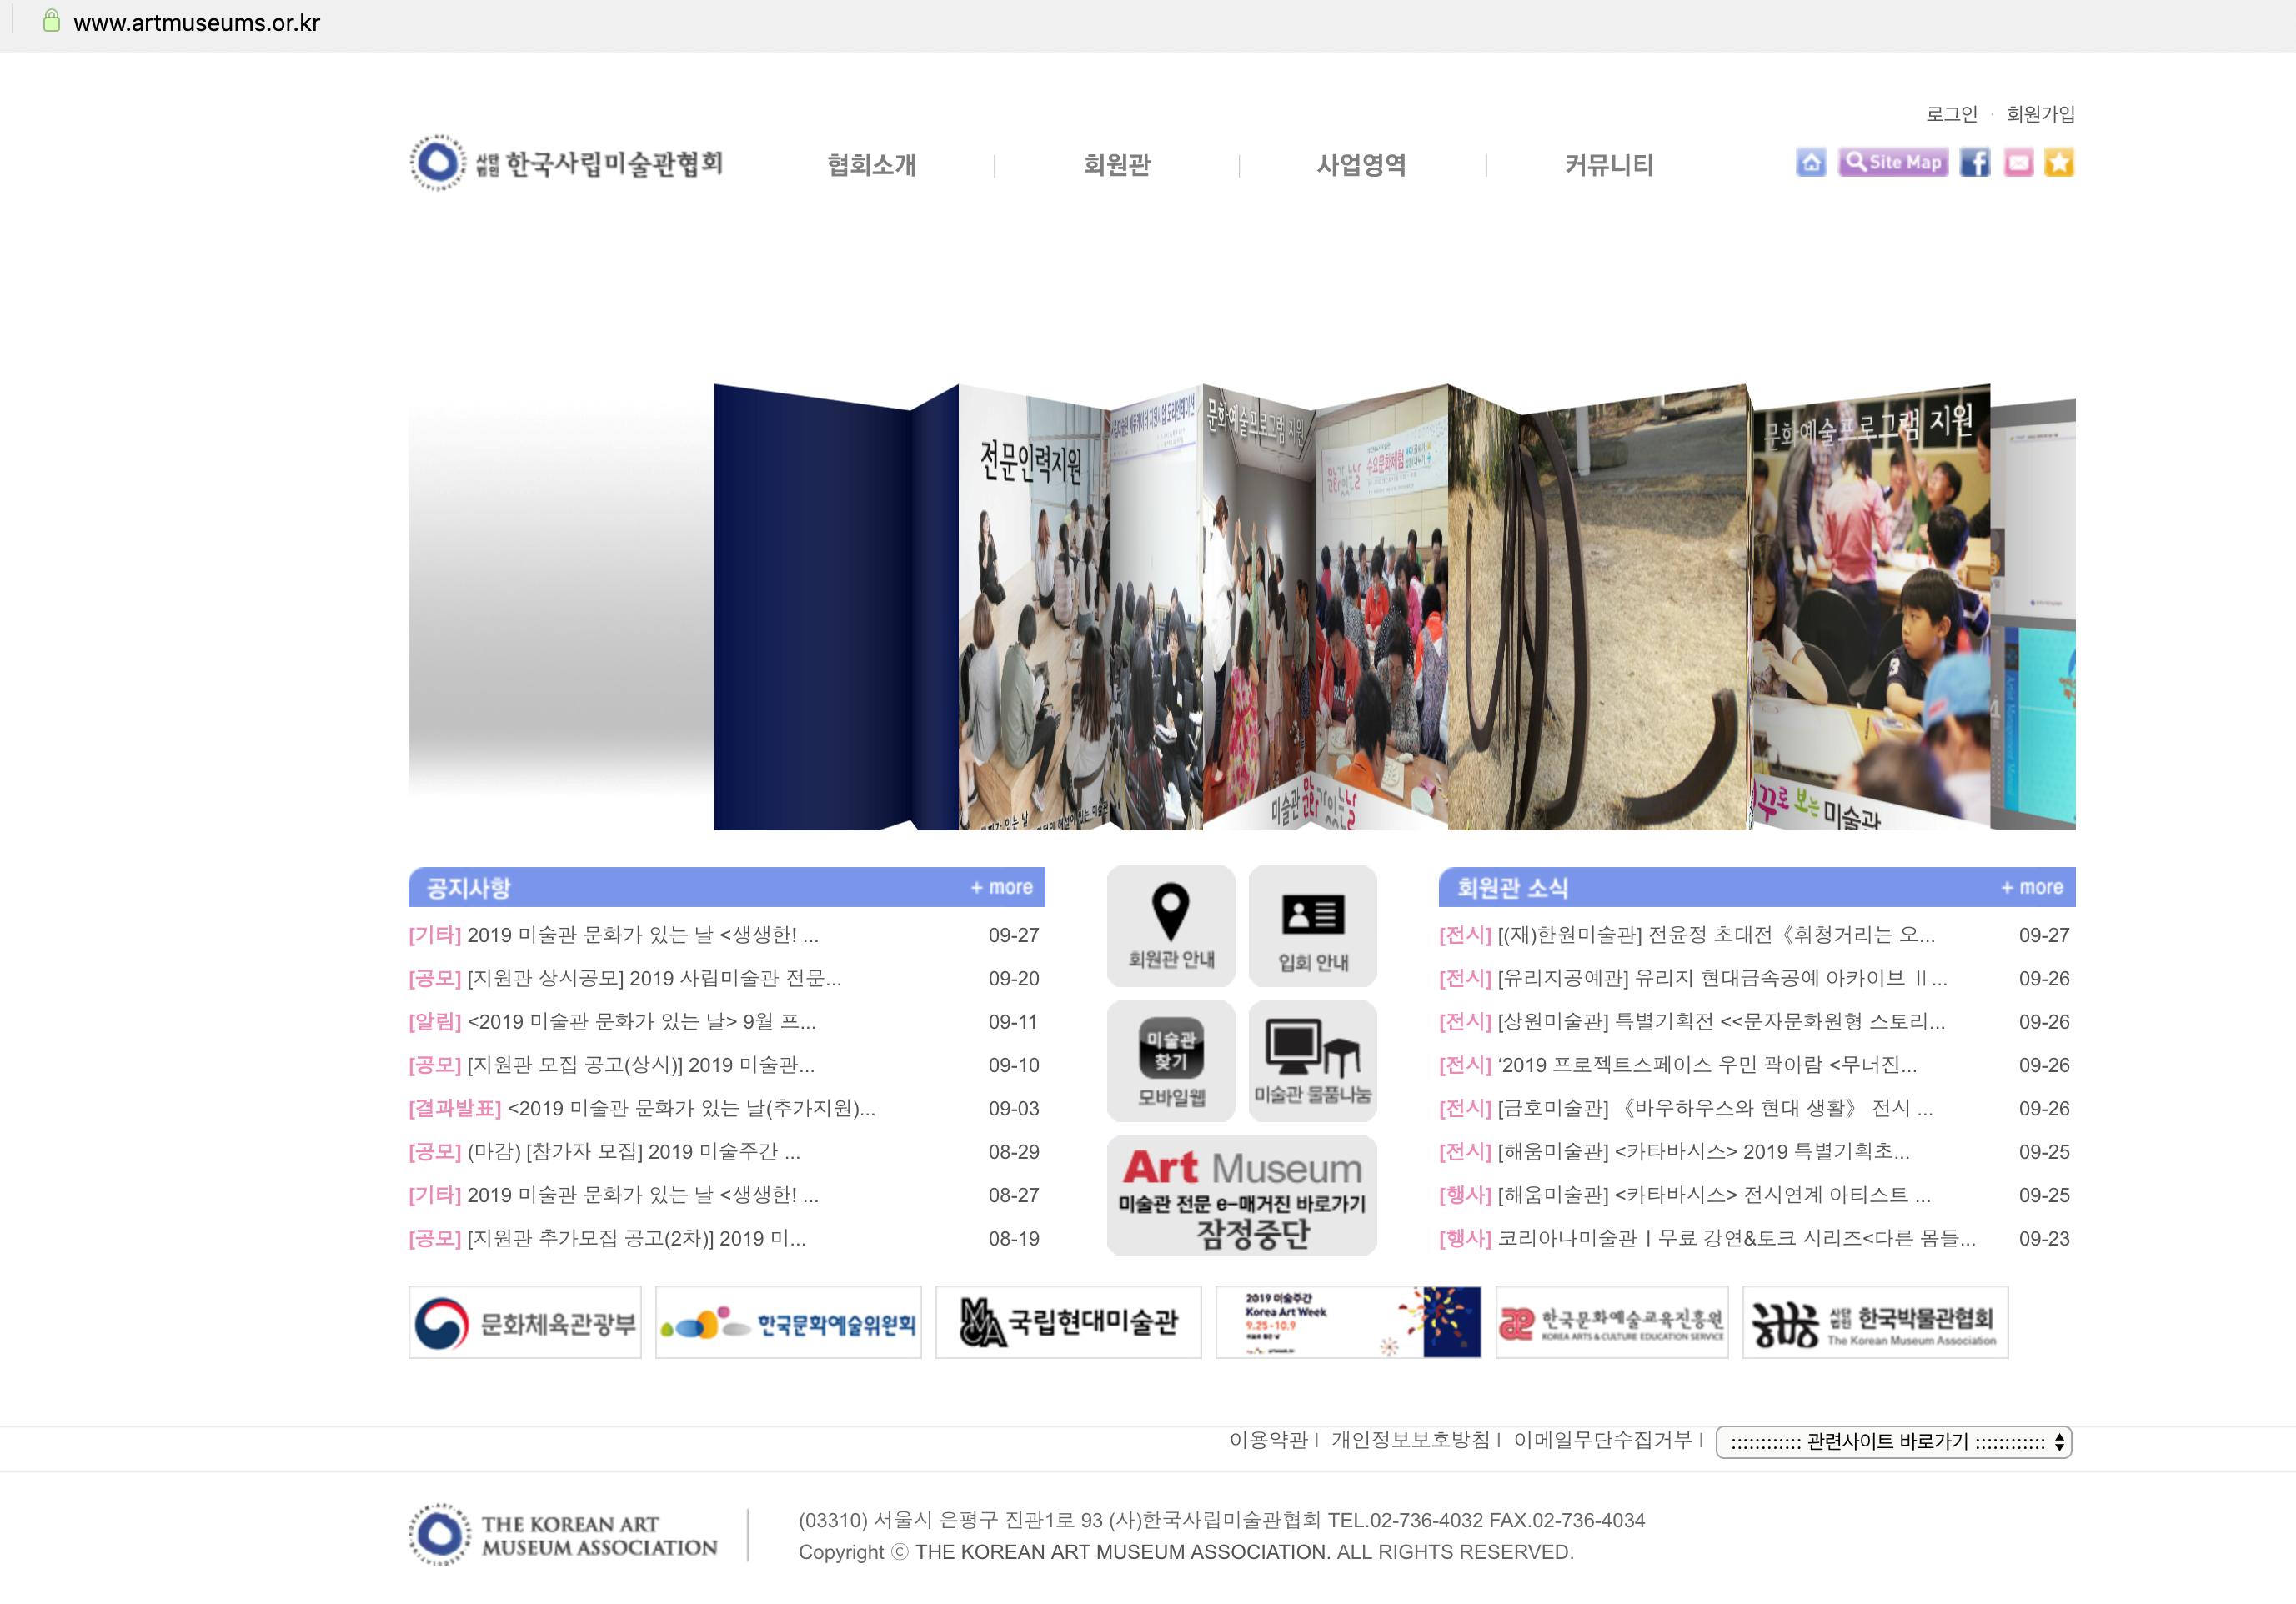 疑似Group123(APT37)针对中韩外贸人士的攻击活动分析